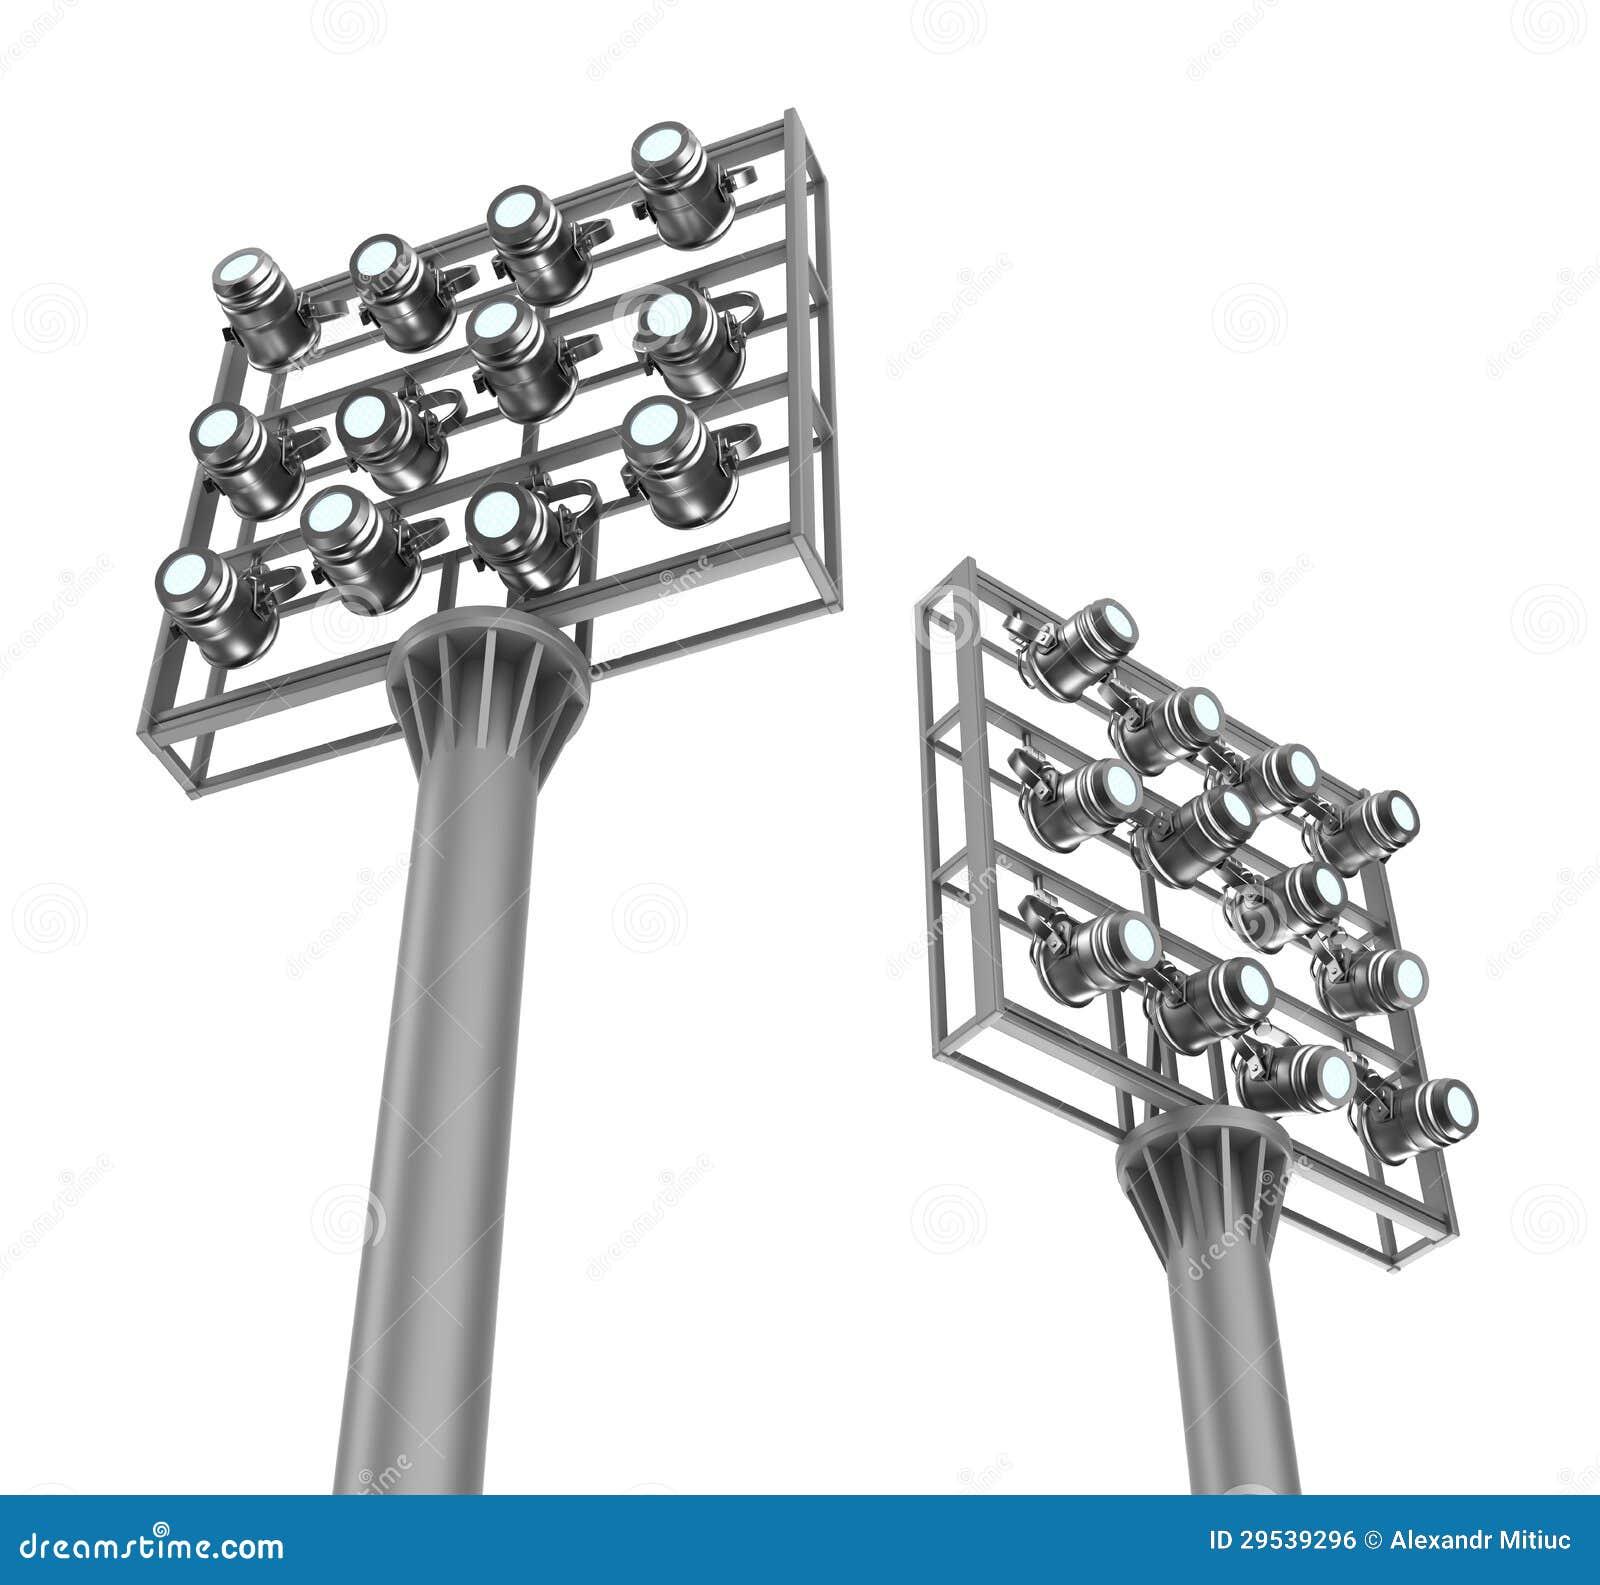 Grupo de projectores em quadros do metal. Vista da parte inferior.